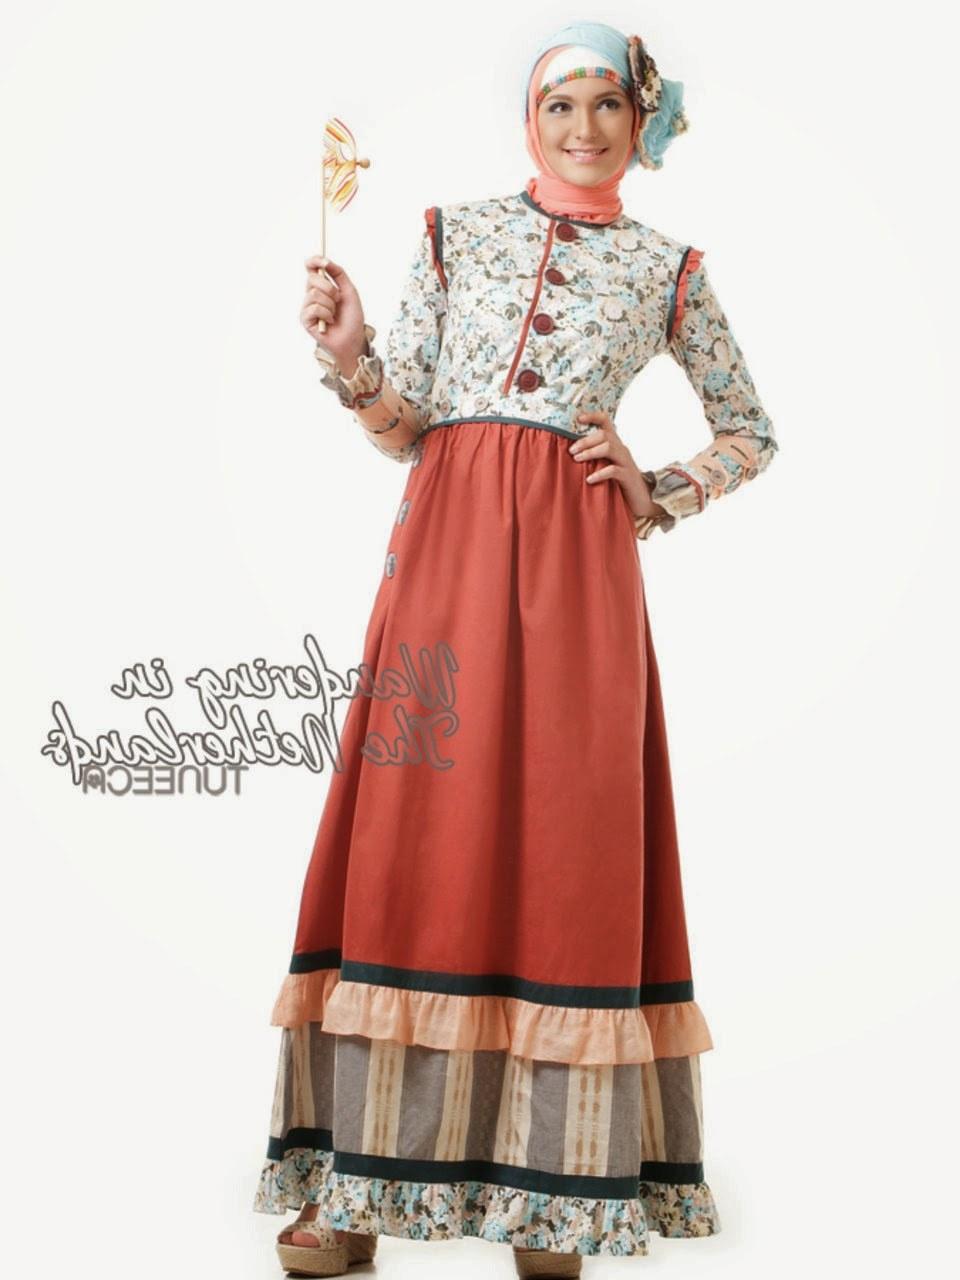 Inspirasi Baju Lebaran Yang Cantik Ftd8 12 Contoh Model Gamis Muslim Lebaran Terbaru Kumpulan